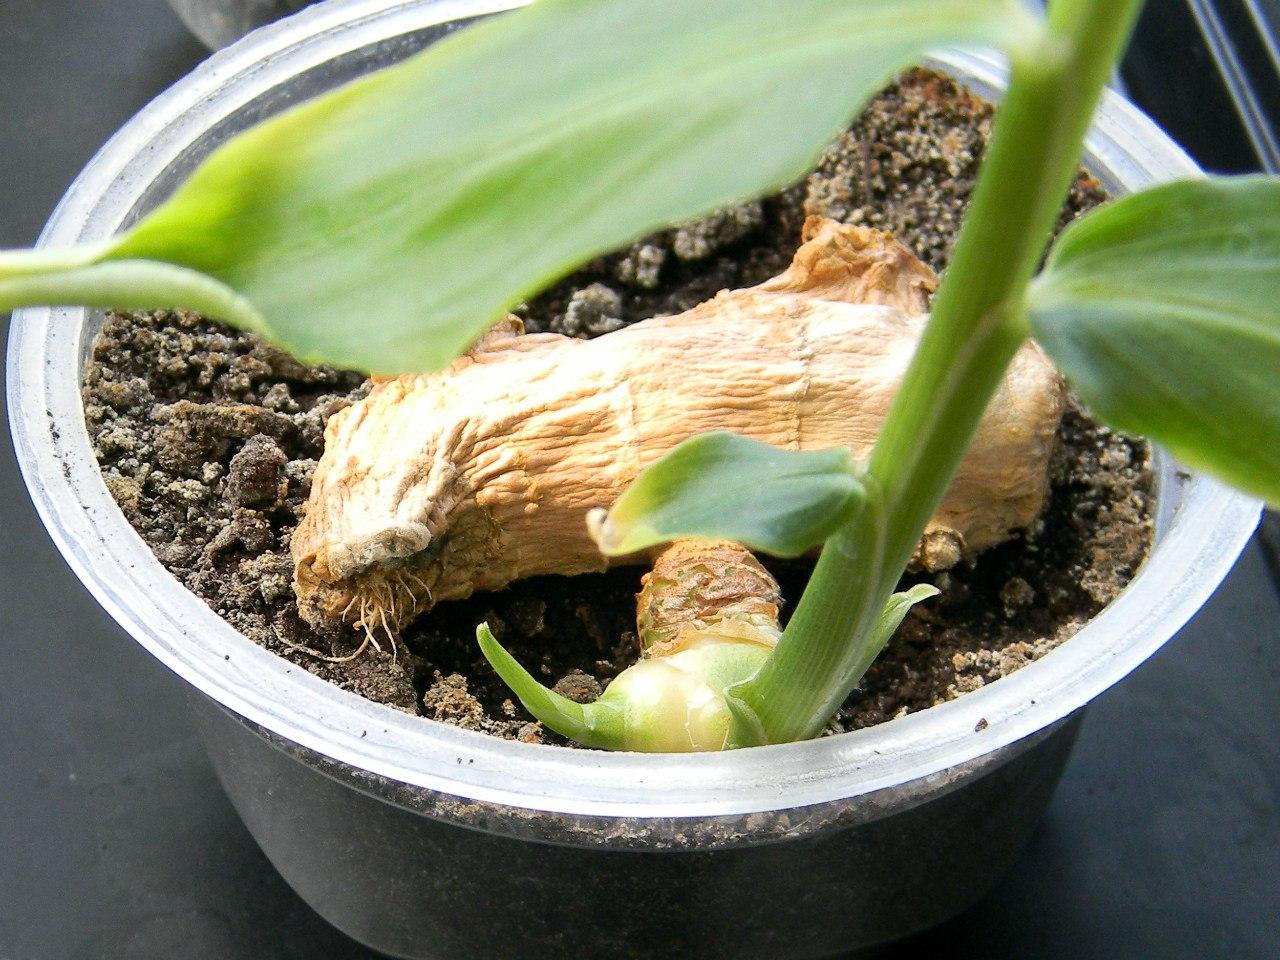 Как вырастить имбирь дома в горшке - 3